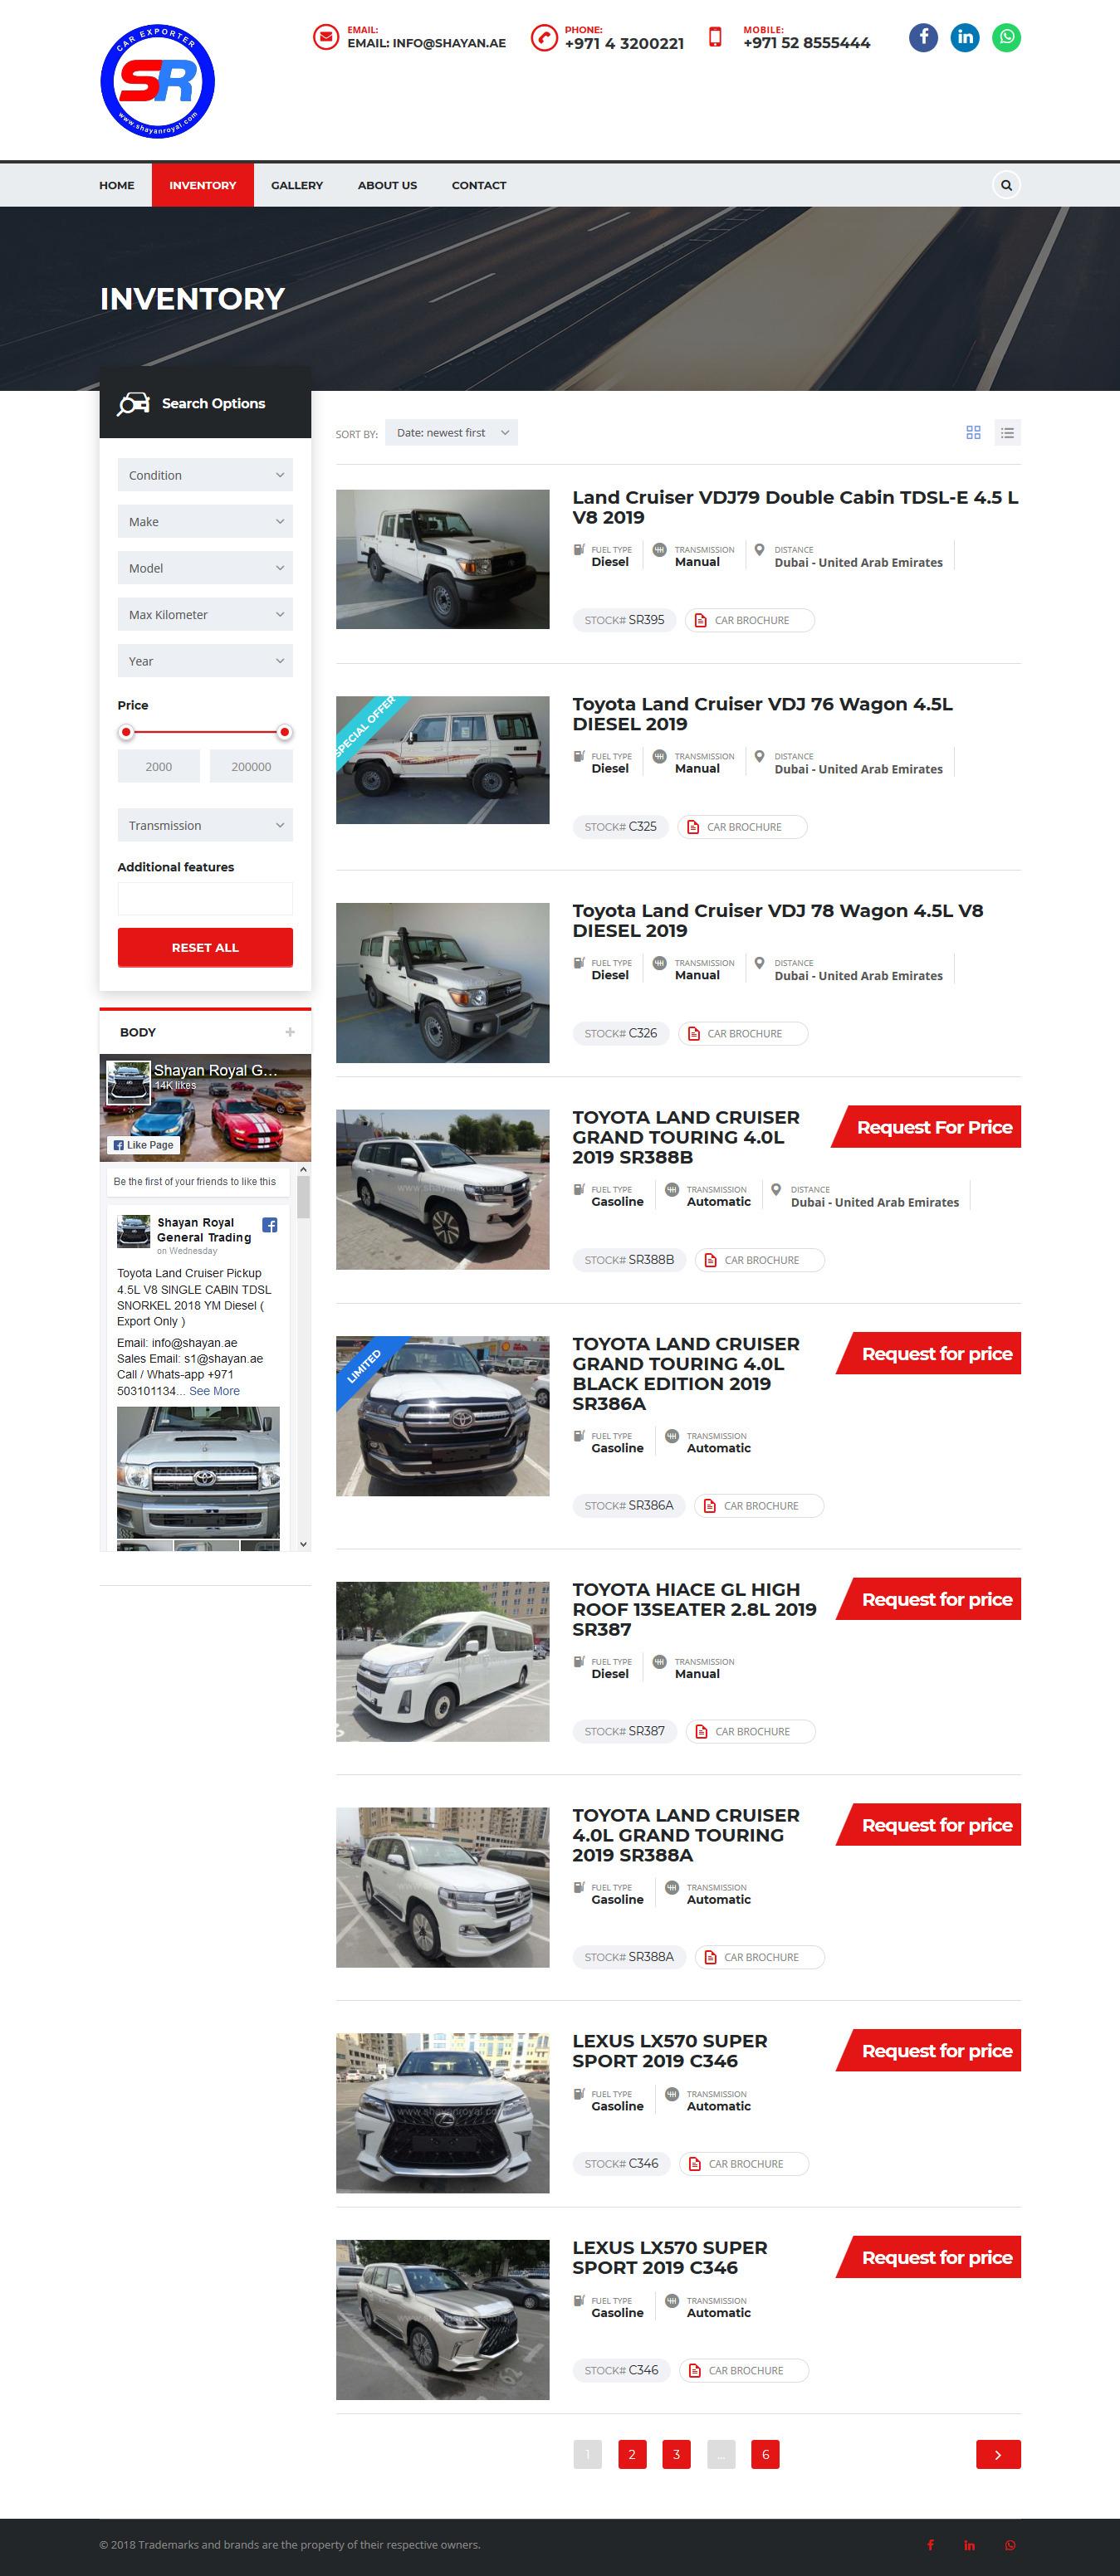 تصویری از صفحه فهرست ماشینهای صادراتی شرکت تجارت عام شایان رویال دوبی